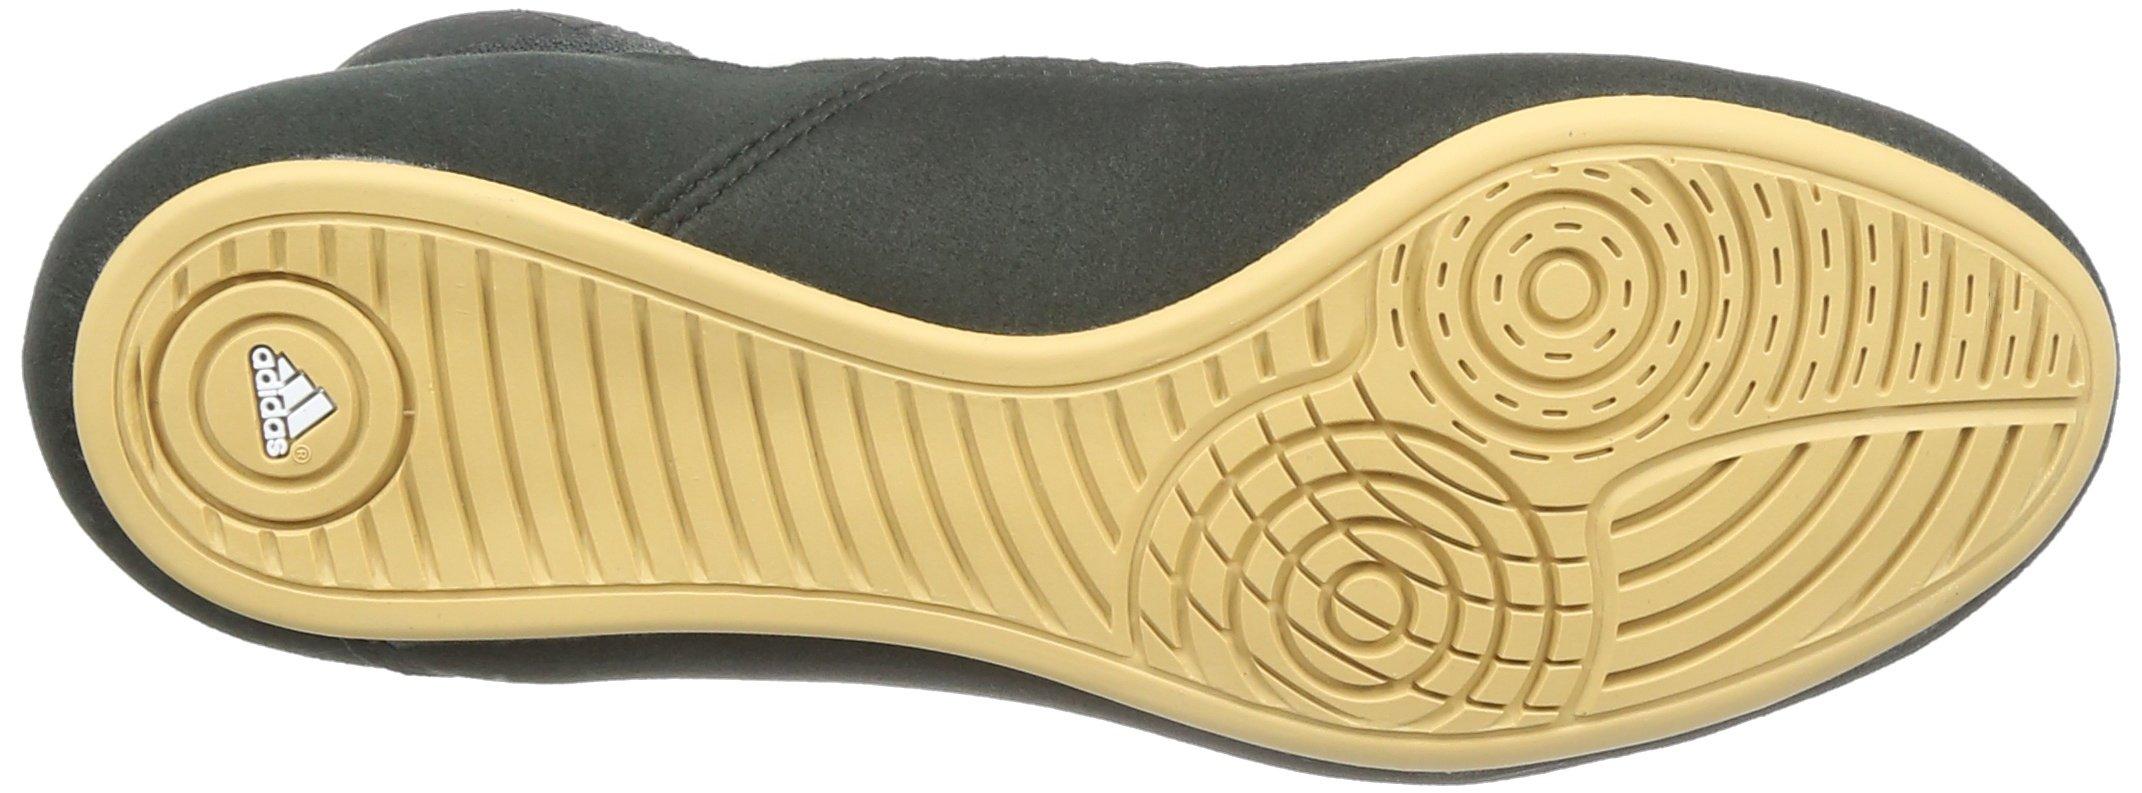 Adidas HommeNoirblancTaille Hvc Chaussure Adidas 27 JT1cFlK